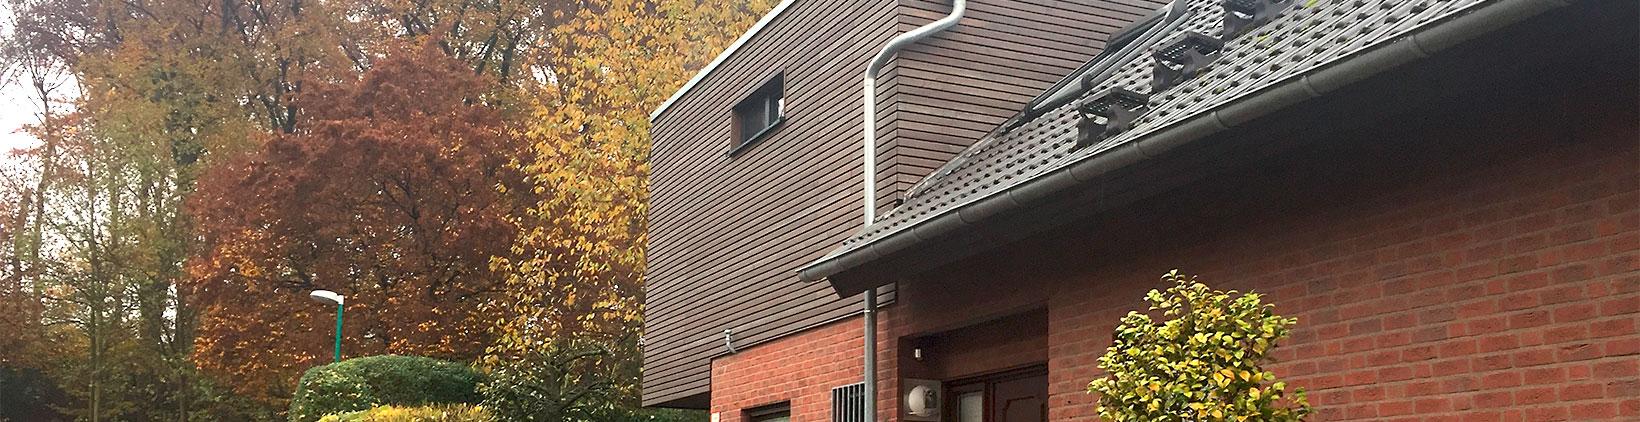 Haus aufstocken: Bauen mit dem Standortvorteil